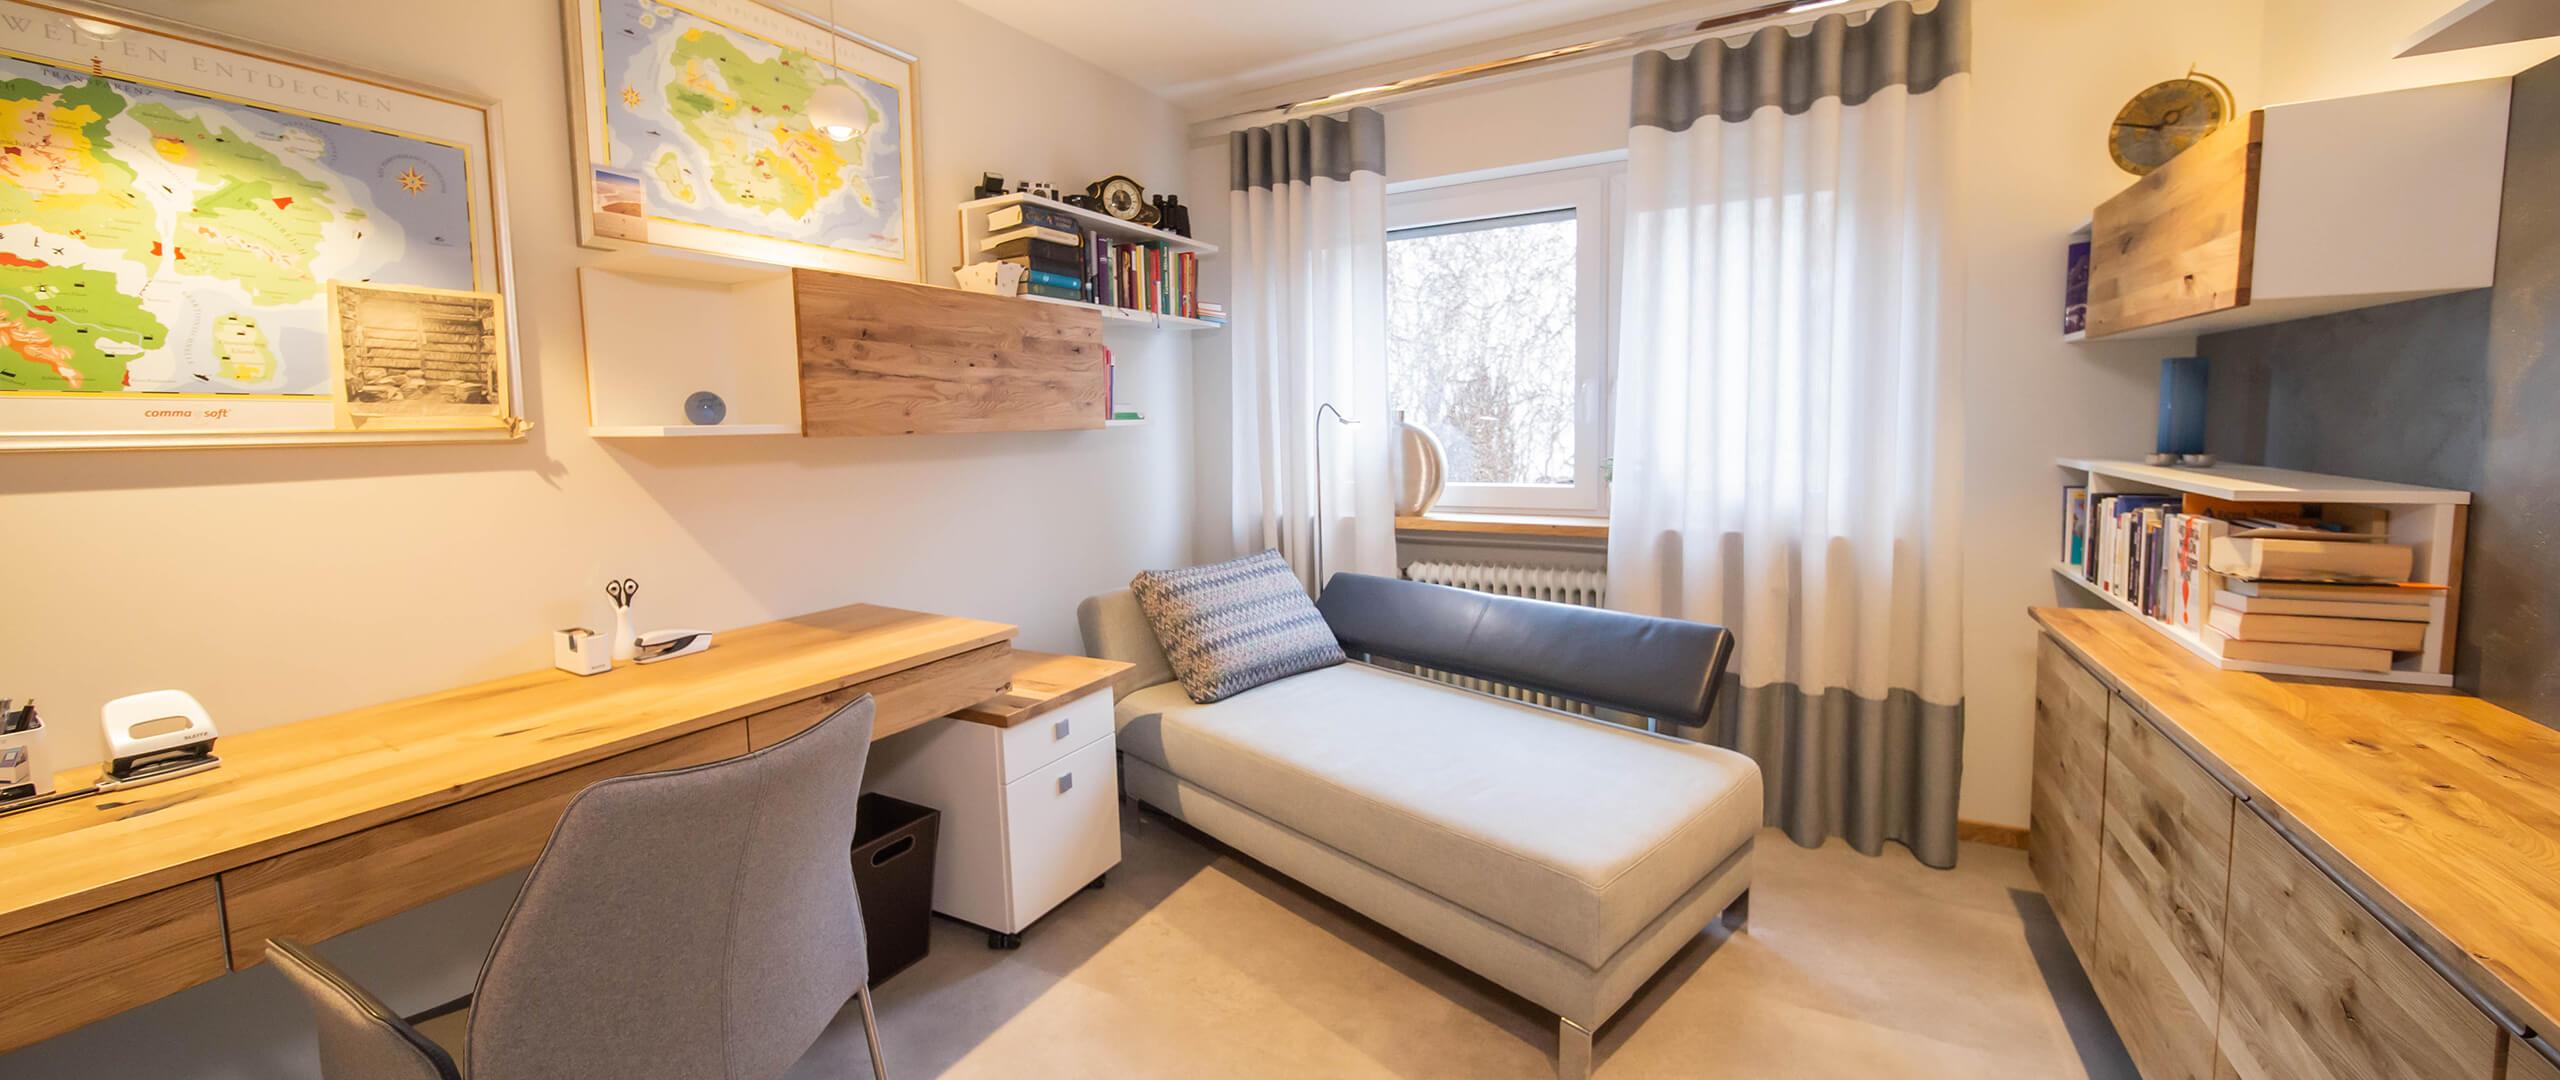 Büro einrichten lassen | Raumausstatter | Möbelmanufaktur | Speyer